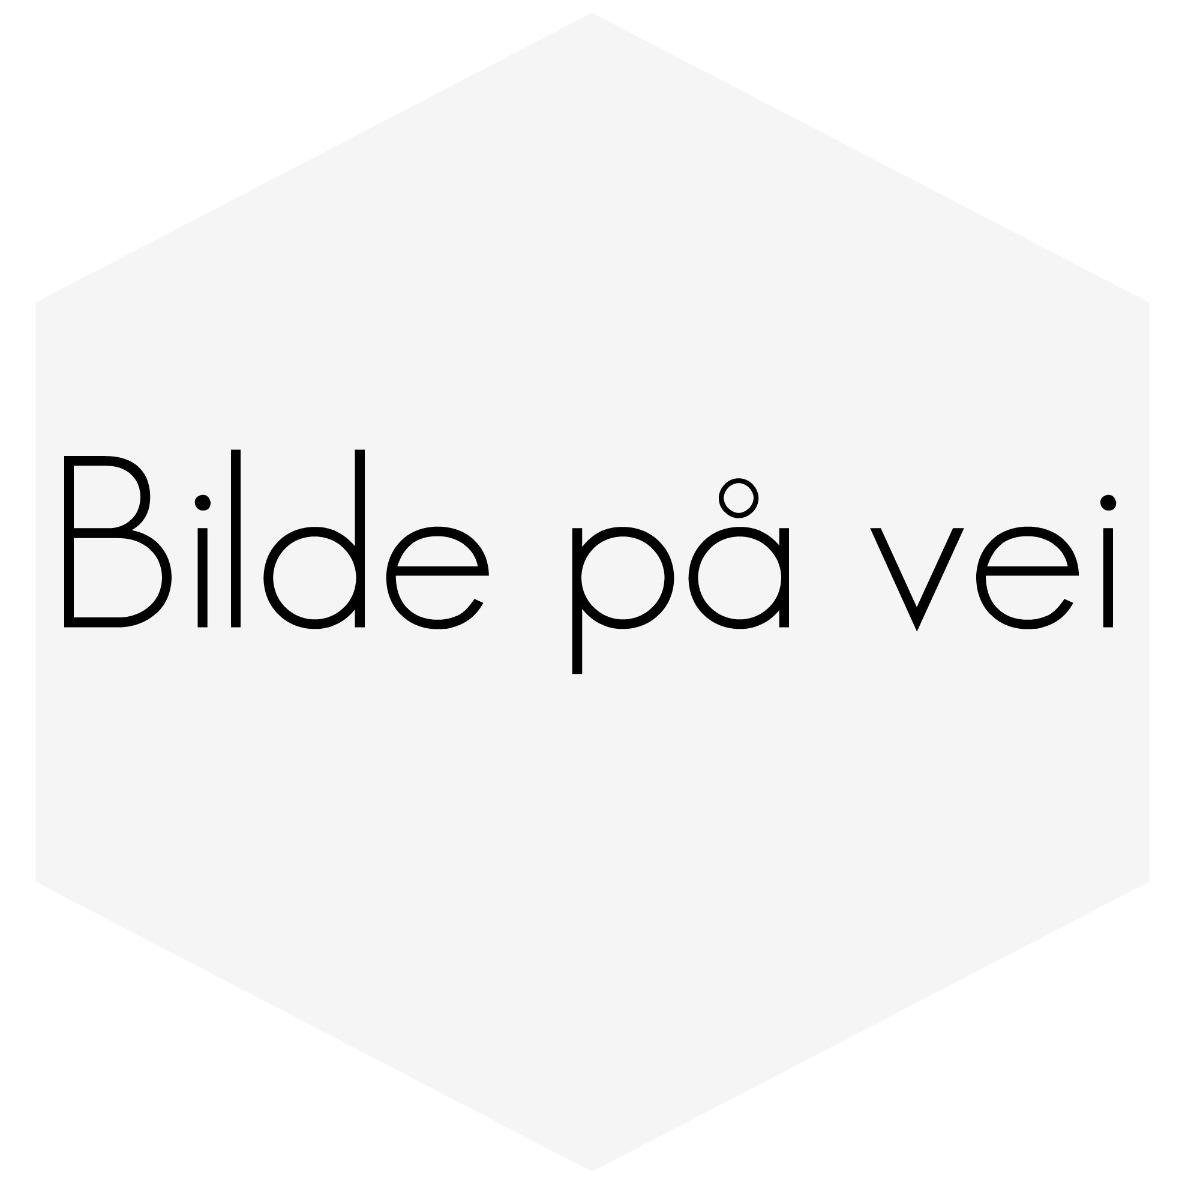 SIDEPLATE BAK BAKHJUL  sveise blekk 244-79- DETTE ER HØYRE